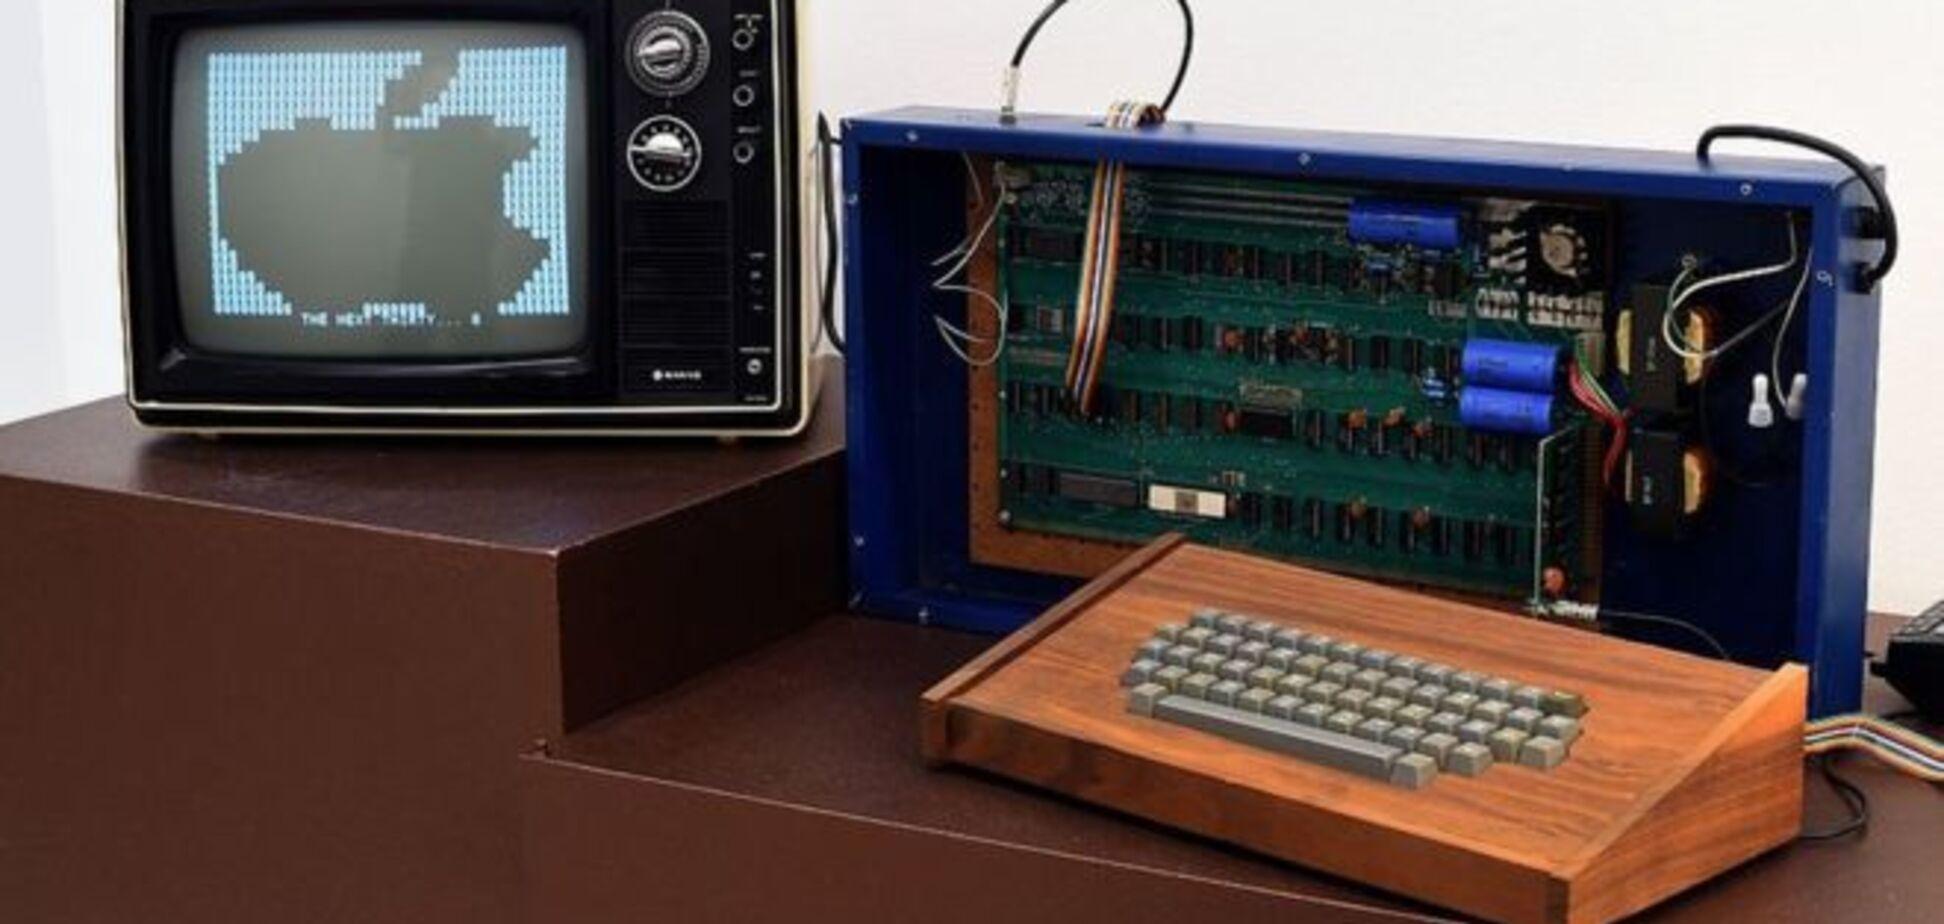 Перший комп'ютер Apple продали за $400 тисяч: як виглядає і що може